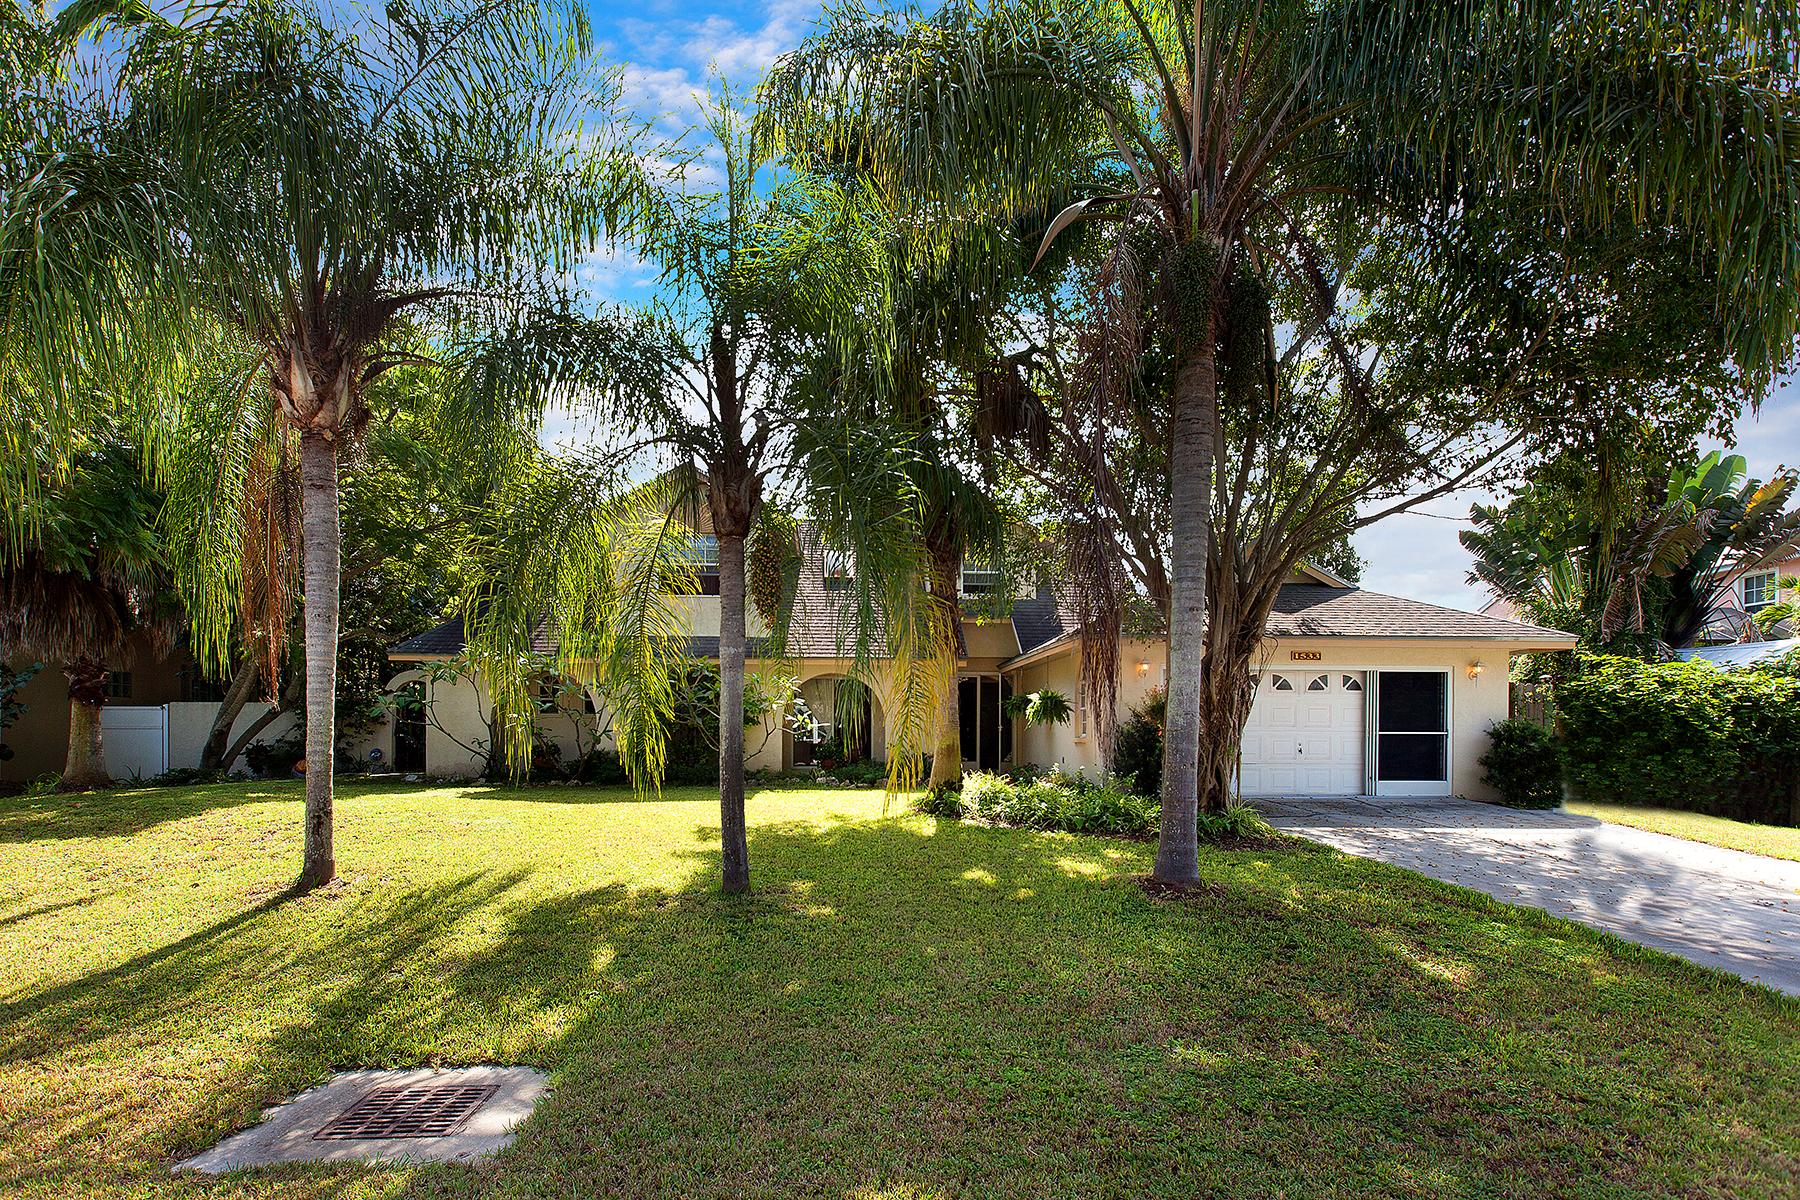 独户住宅 为 销售 在 SOUTH VENICE 1533 Fundy Rd 威尼斯, 佛罗里达州, 34293 美国